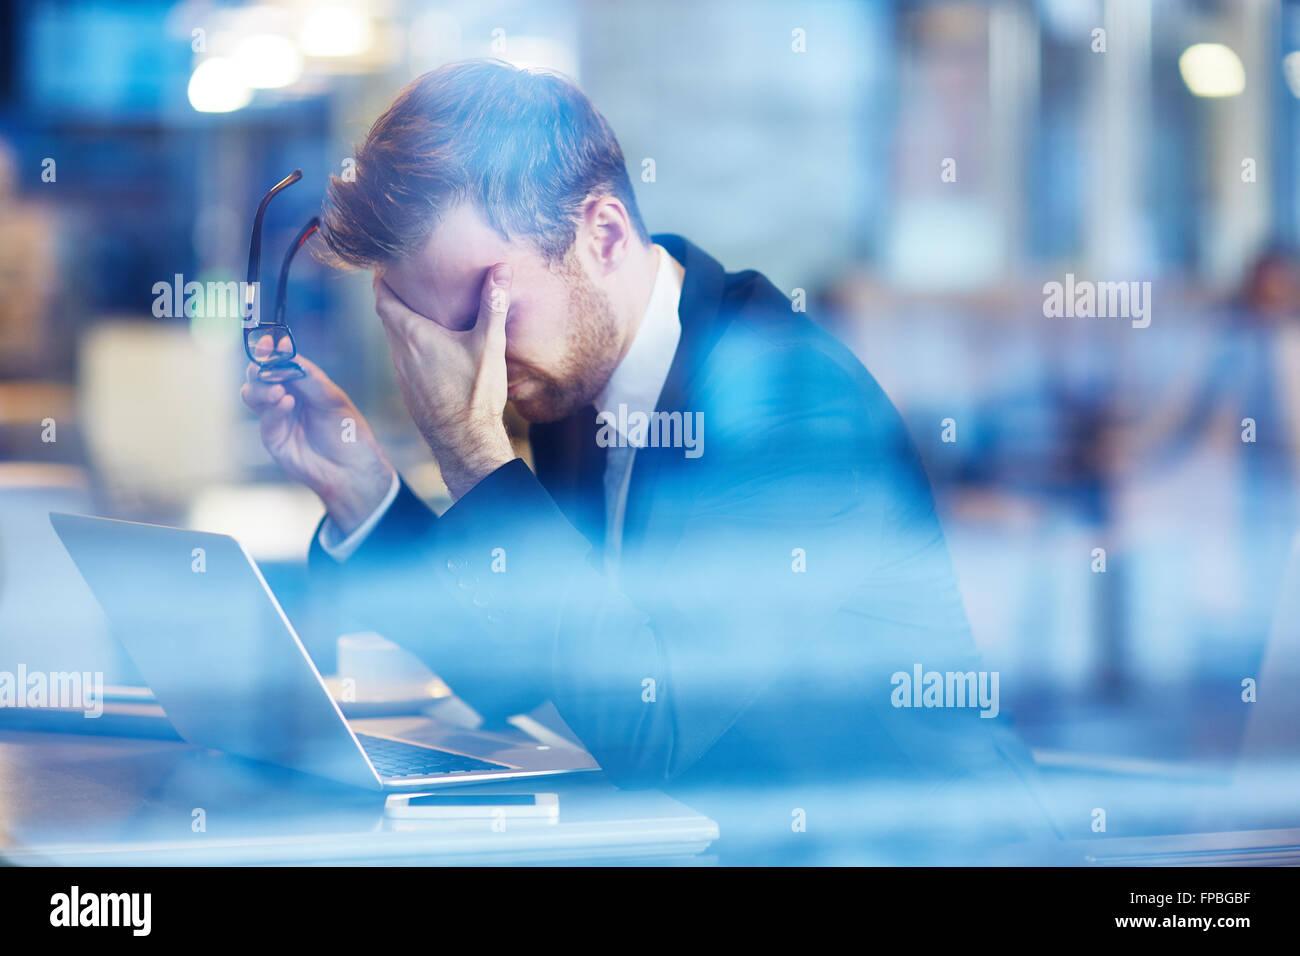 Empresario deprimido sentado con portátil Imagen De Stock